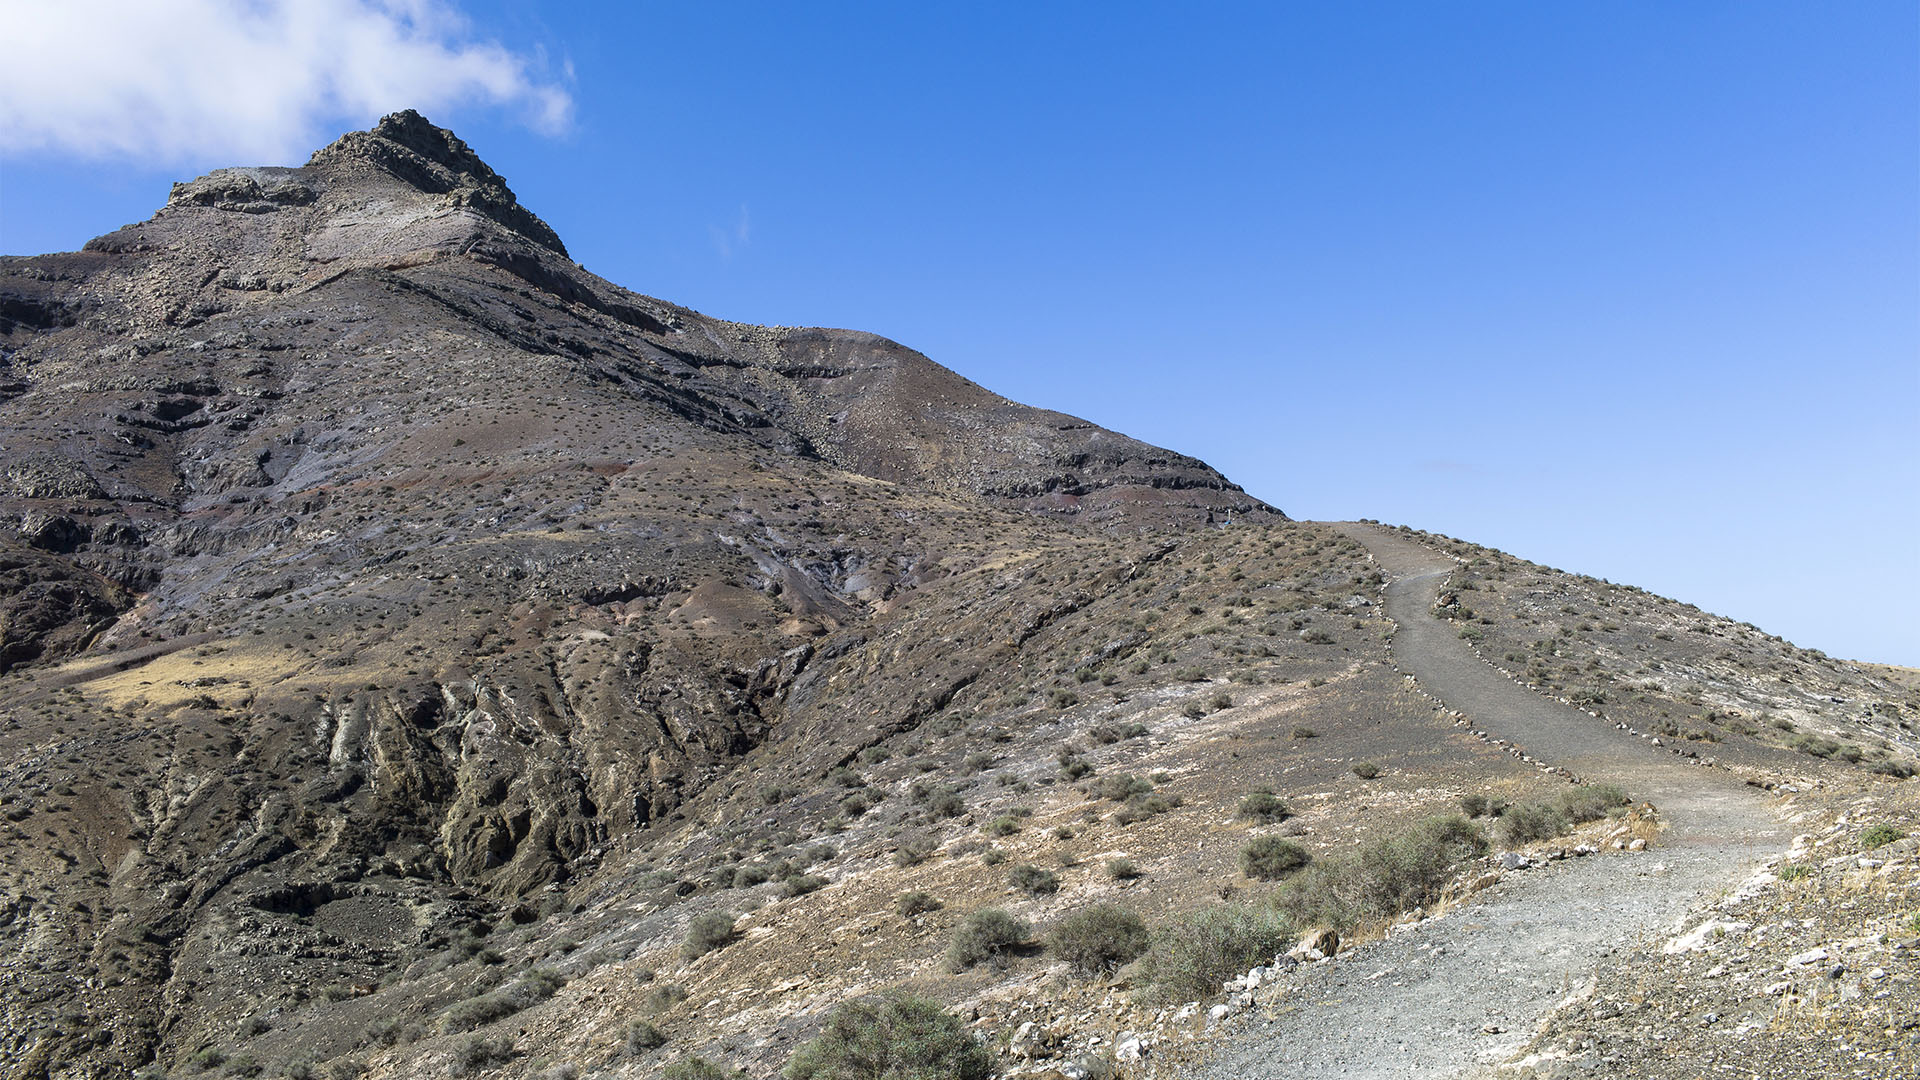 Wandern + Trekking auf Fuerteventura: Zur Ermita el Tanquito am Montaña Cardon.